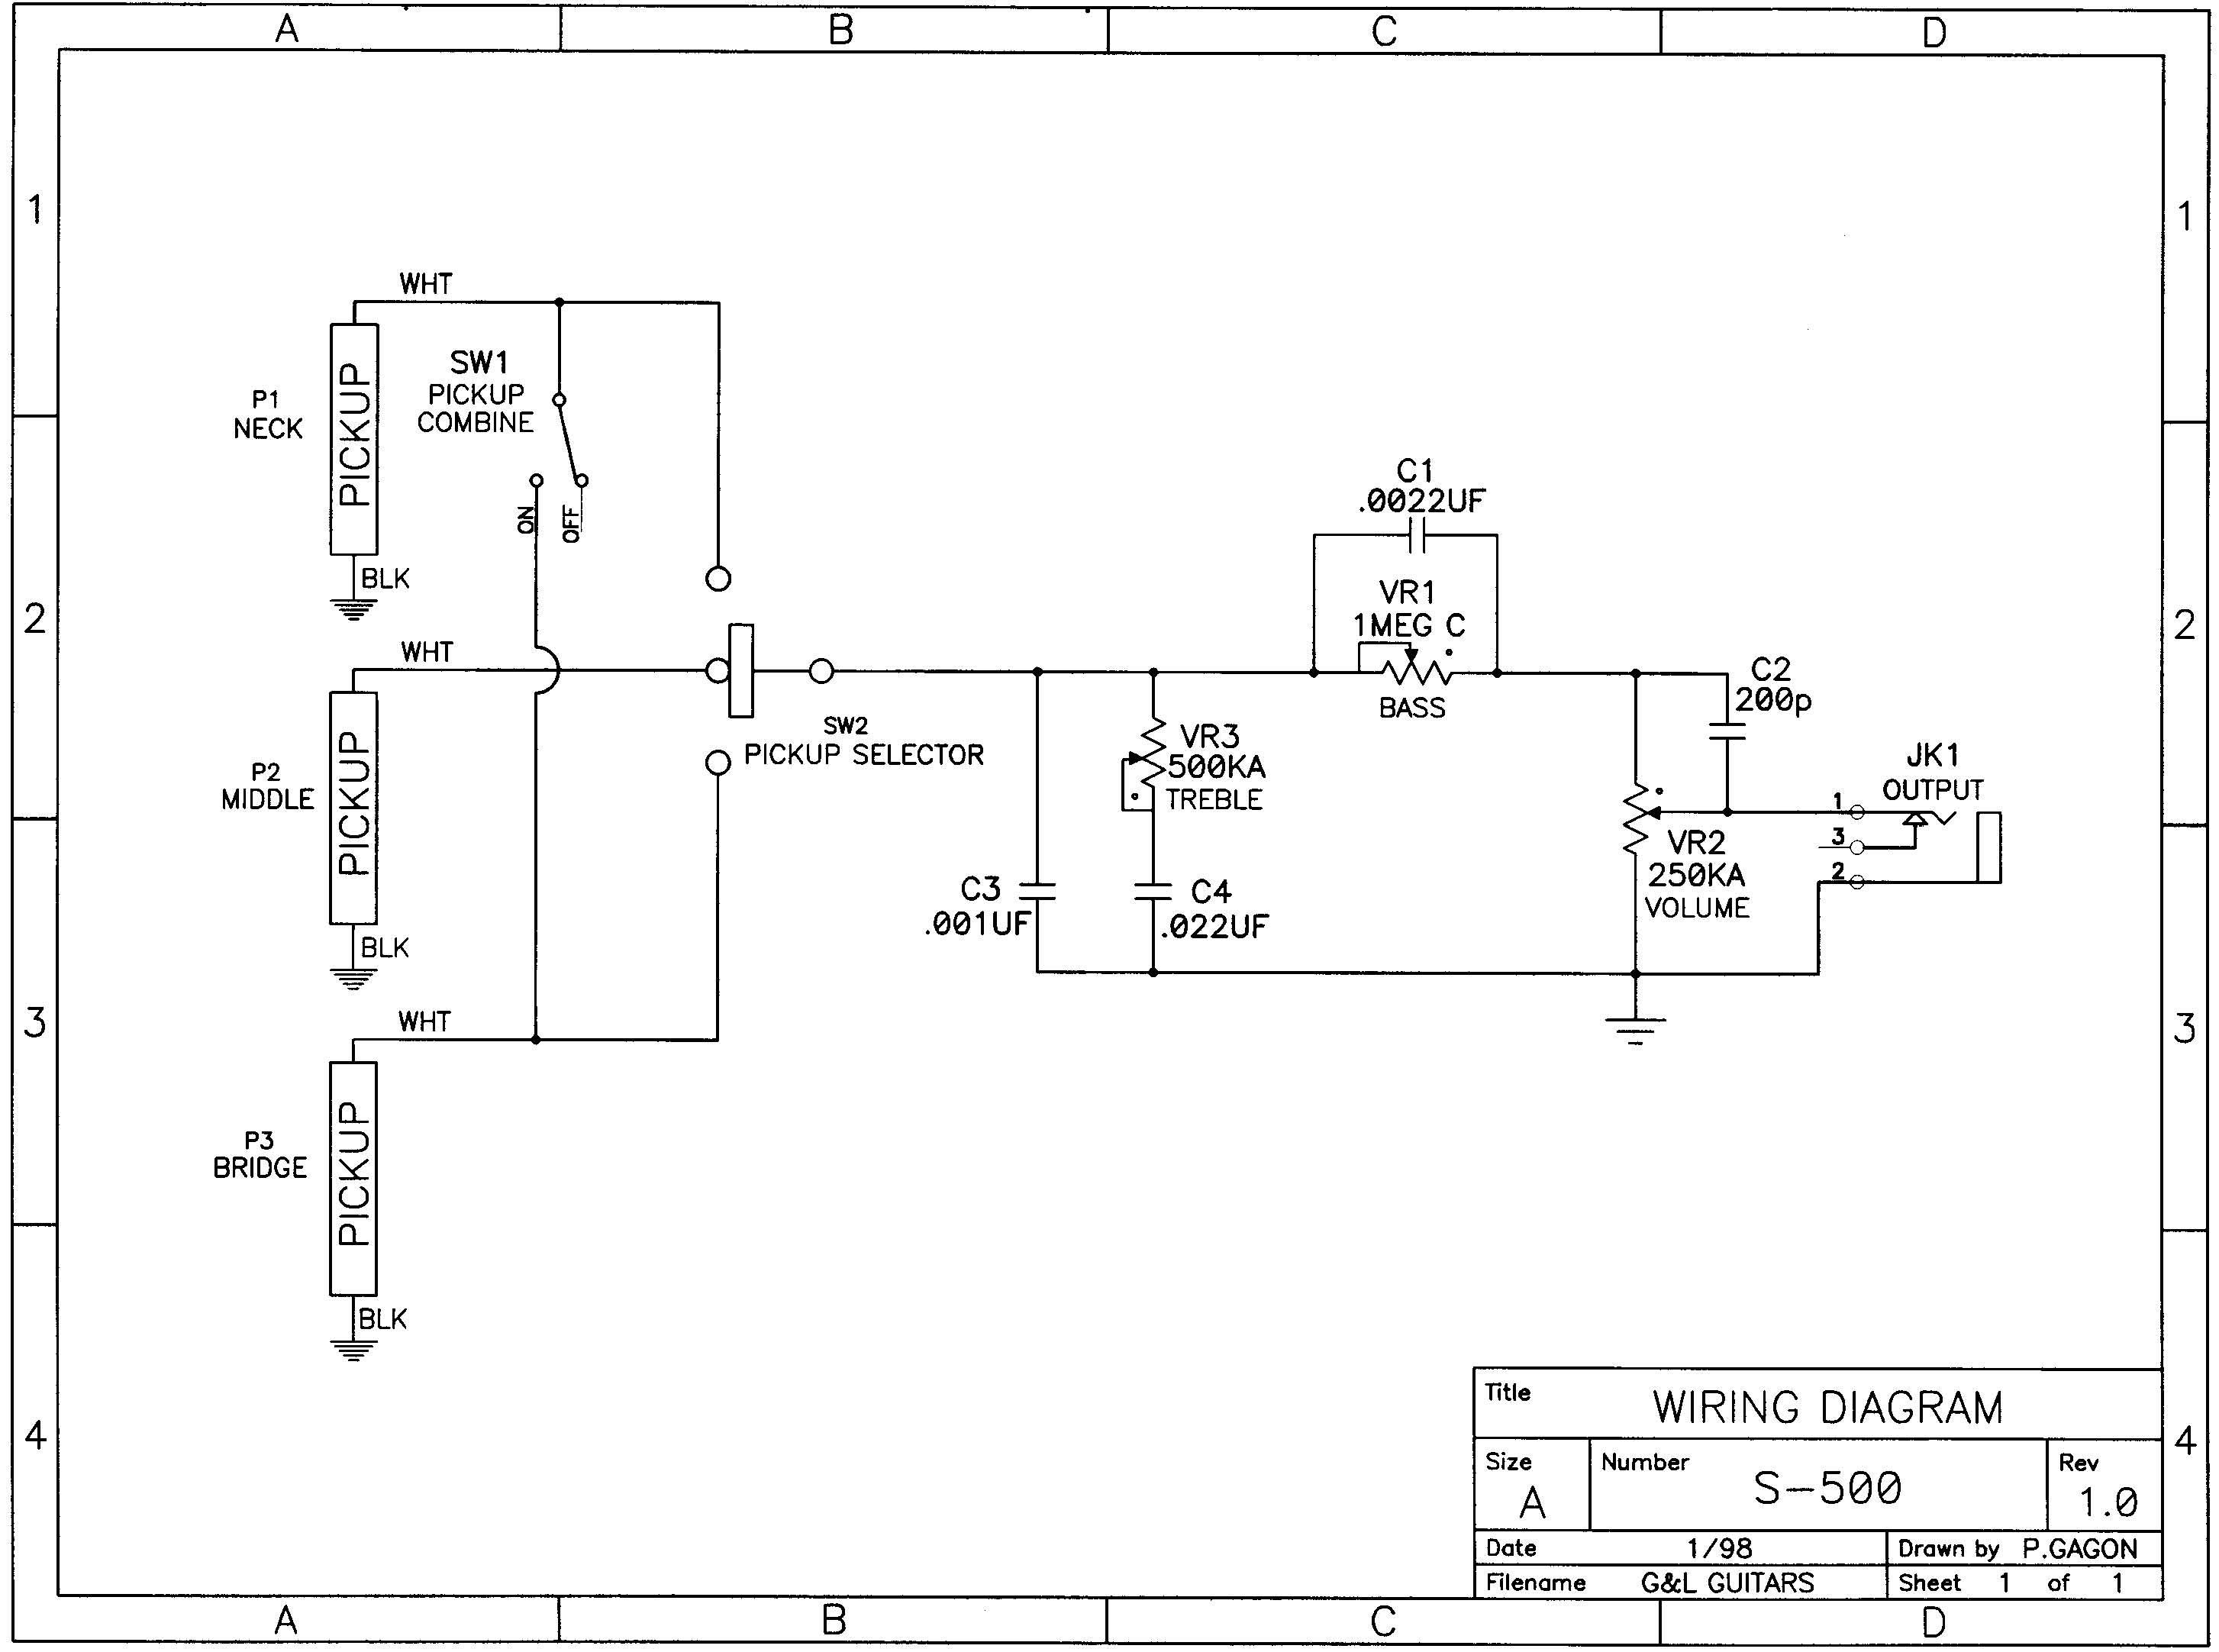 Lw 1548 Guitar Wiring Diagrams Pdf Moreover Prs Guitar Wiring